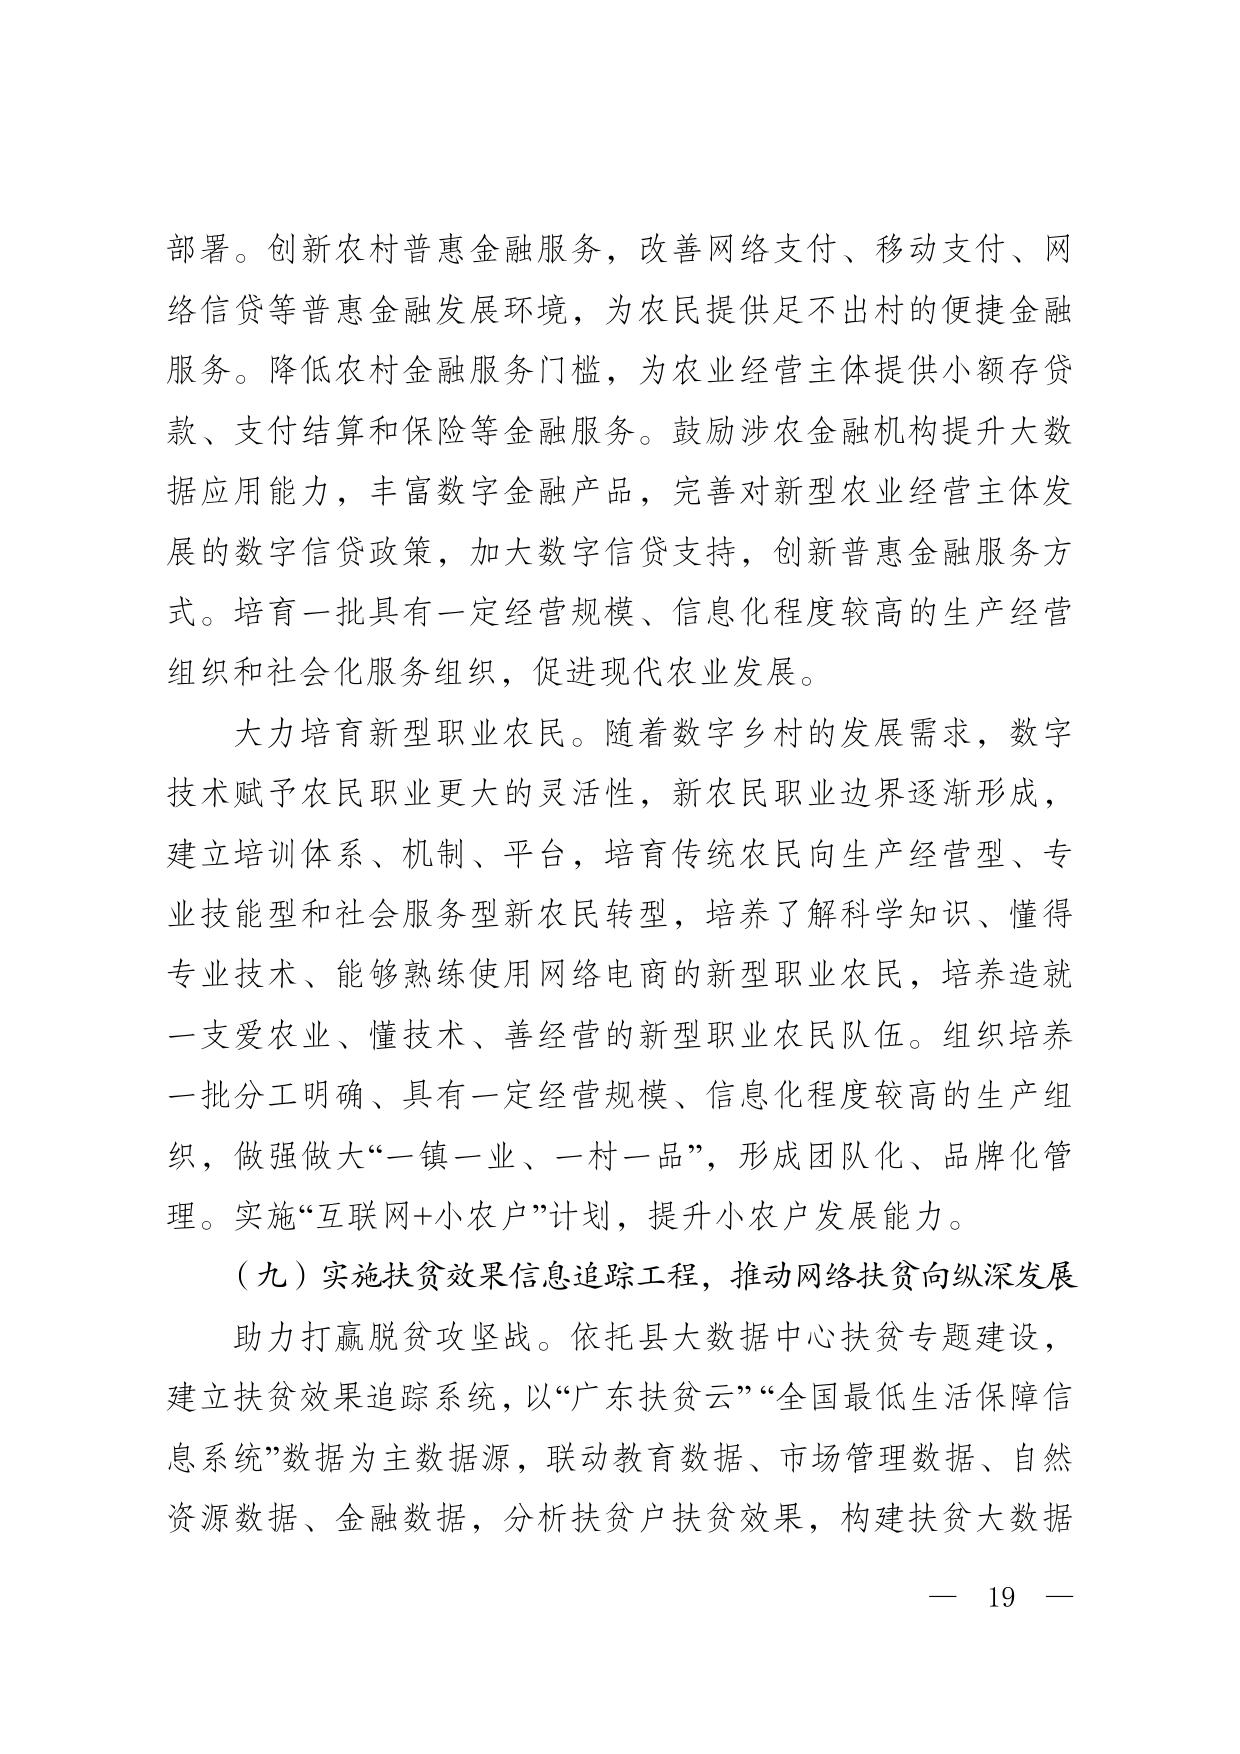 华办函〔2020〕5号关于印发《五华县数字乡村发展总体规划(2020—2025年)》的通知0018.jpg